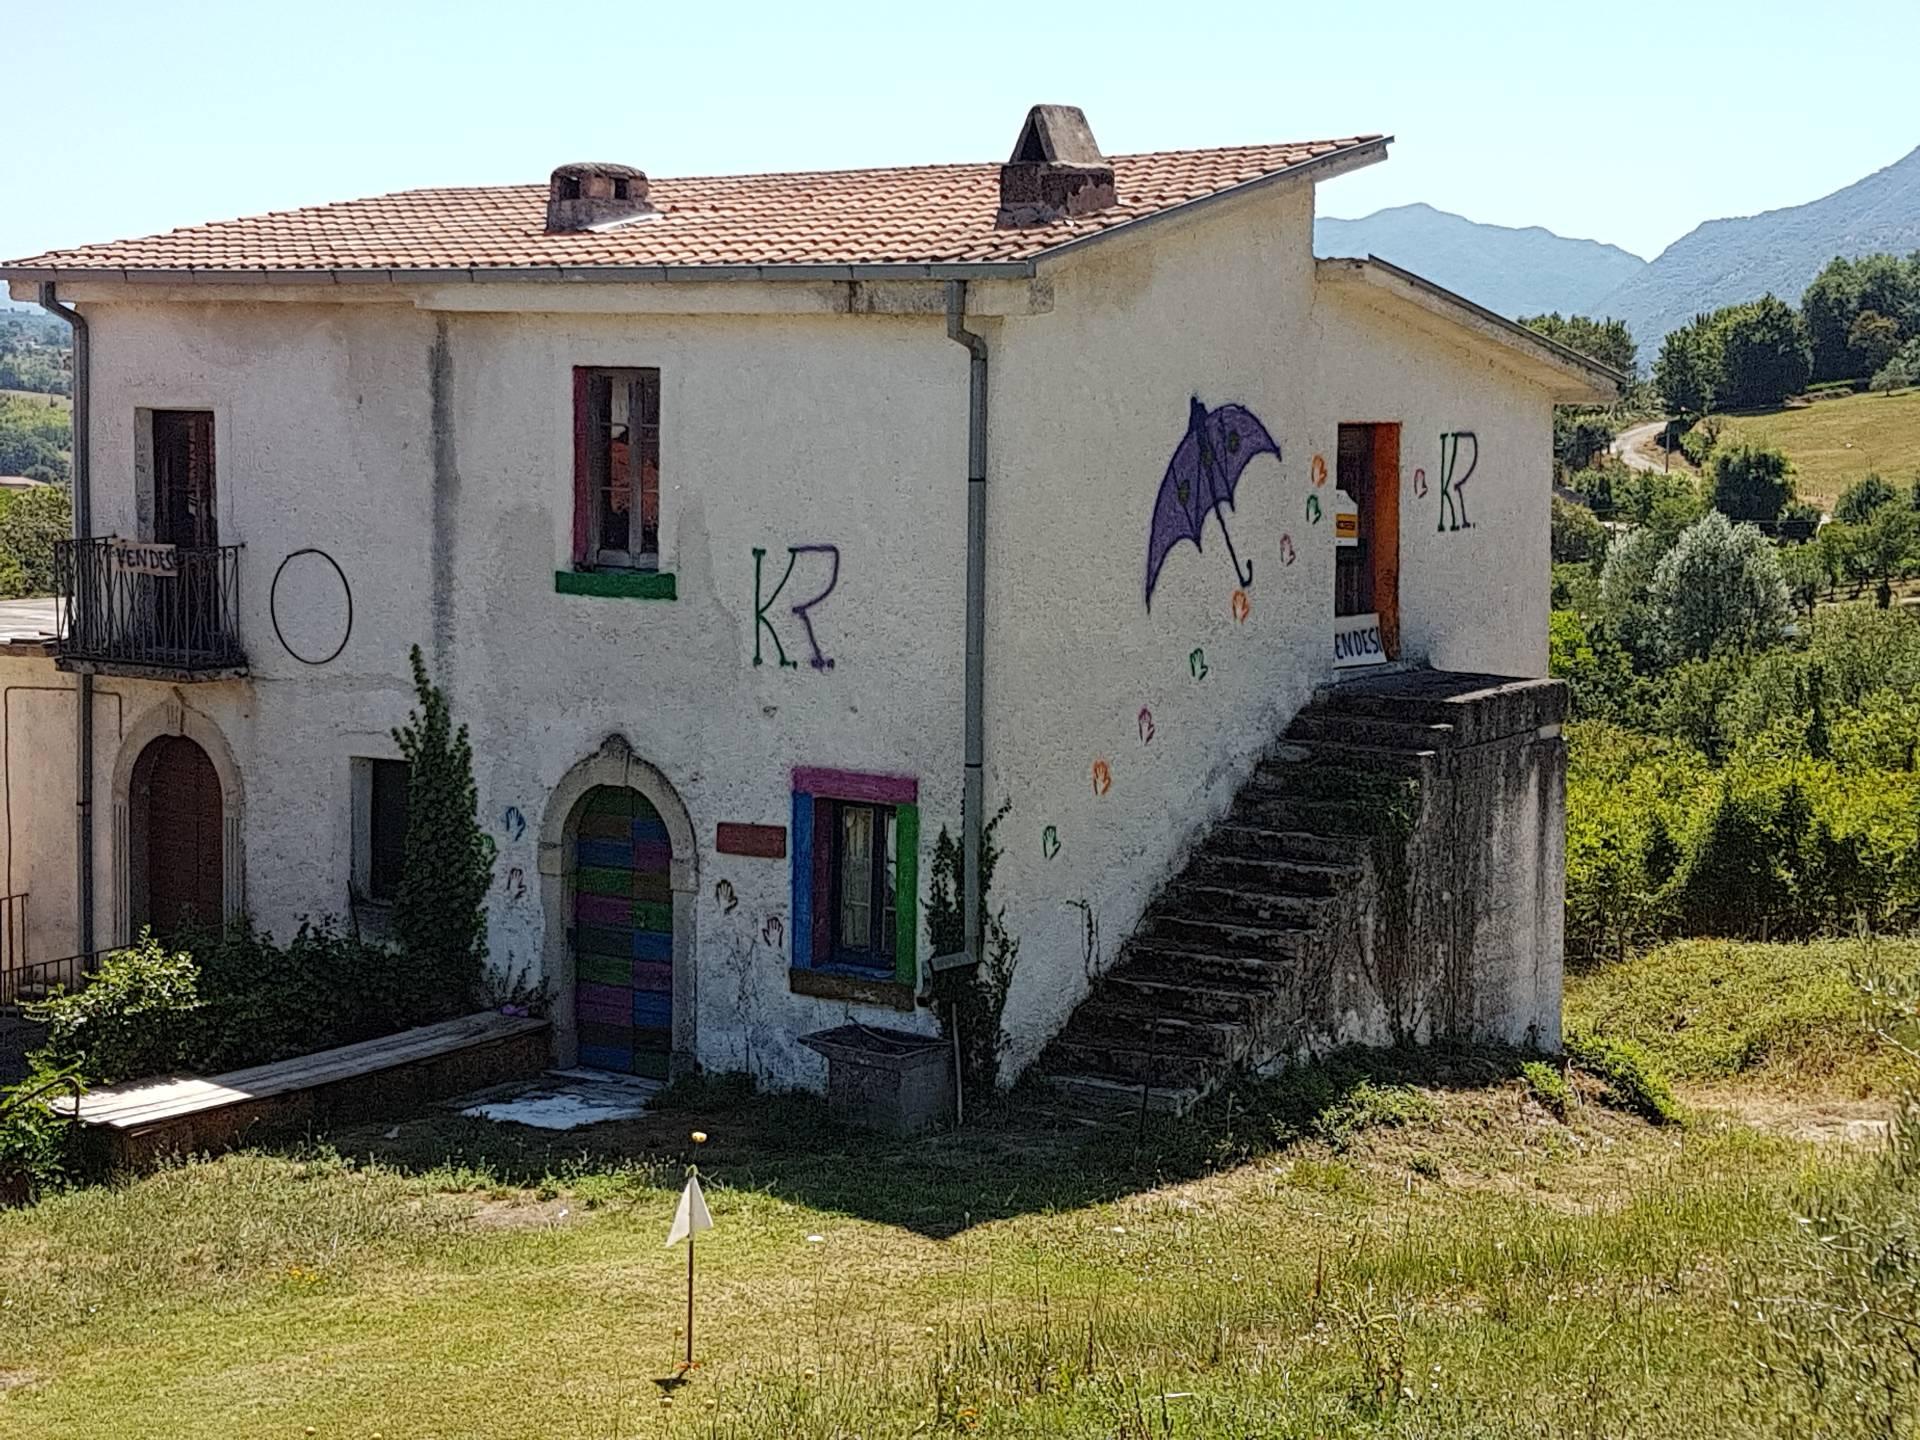 Soluzione Indipendente in vendita a Casalvieri, 10 locali, zona Zona: Fallena, prezzo € 48.000 | CambioCasa.it